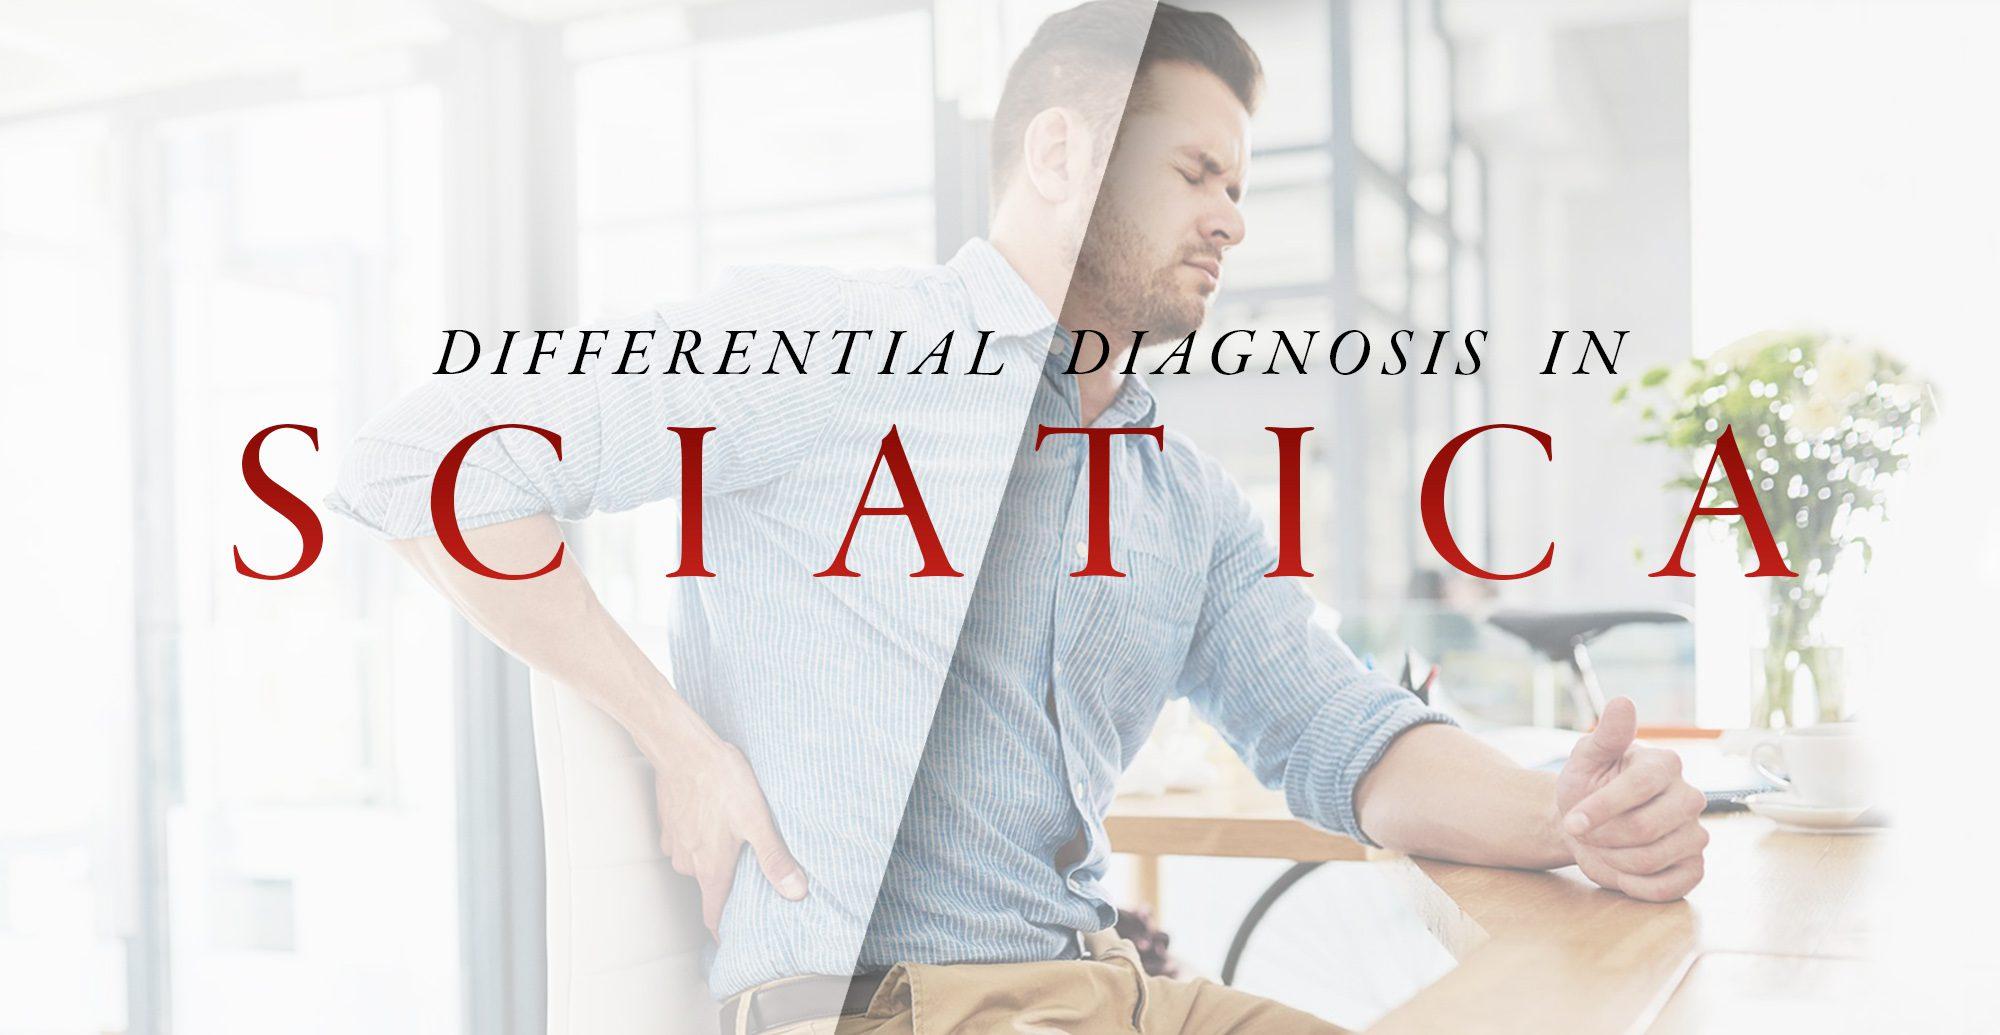 Diagnóstico diferencial en la ciática, parte 2 | El Paso, TX Quiropráctico